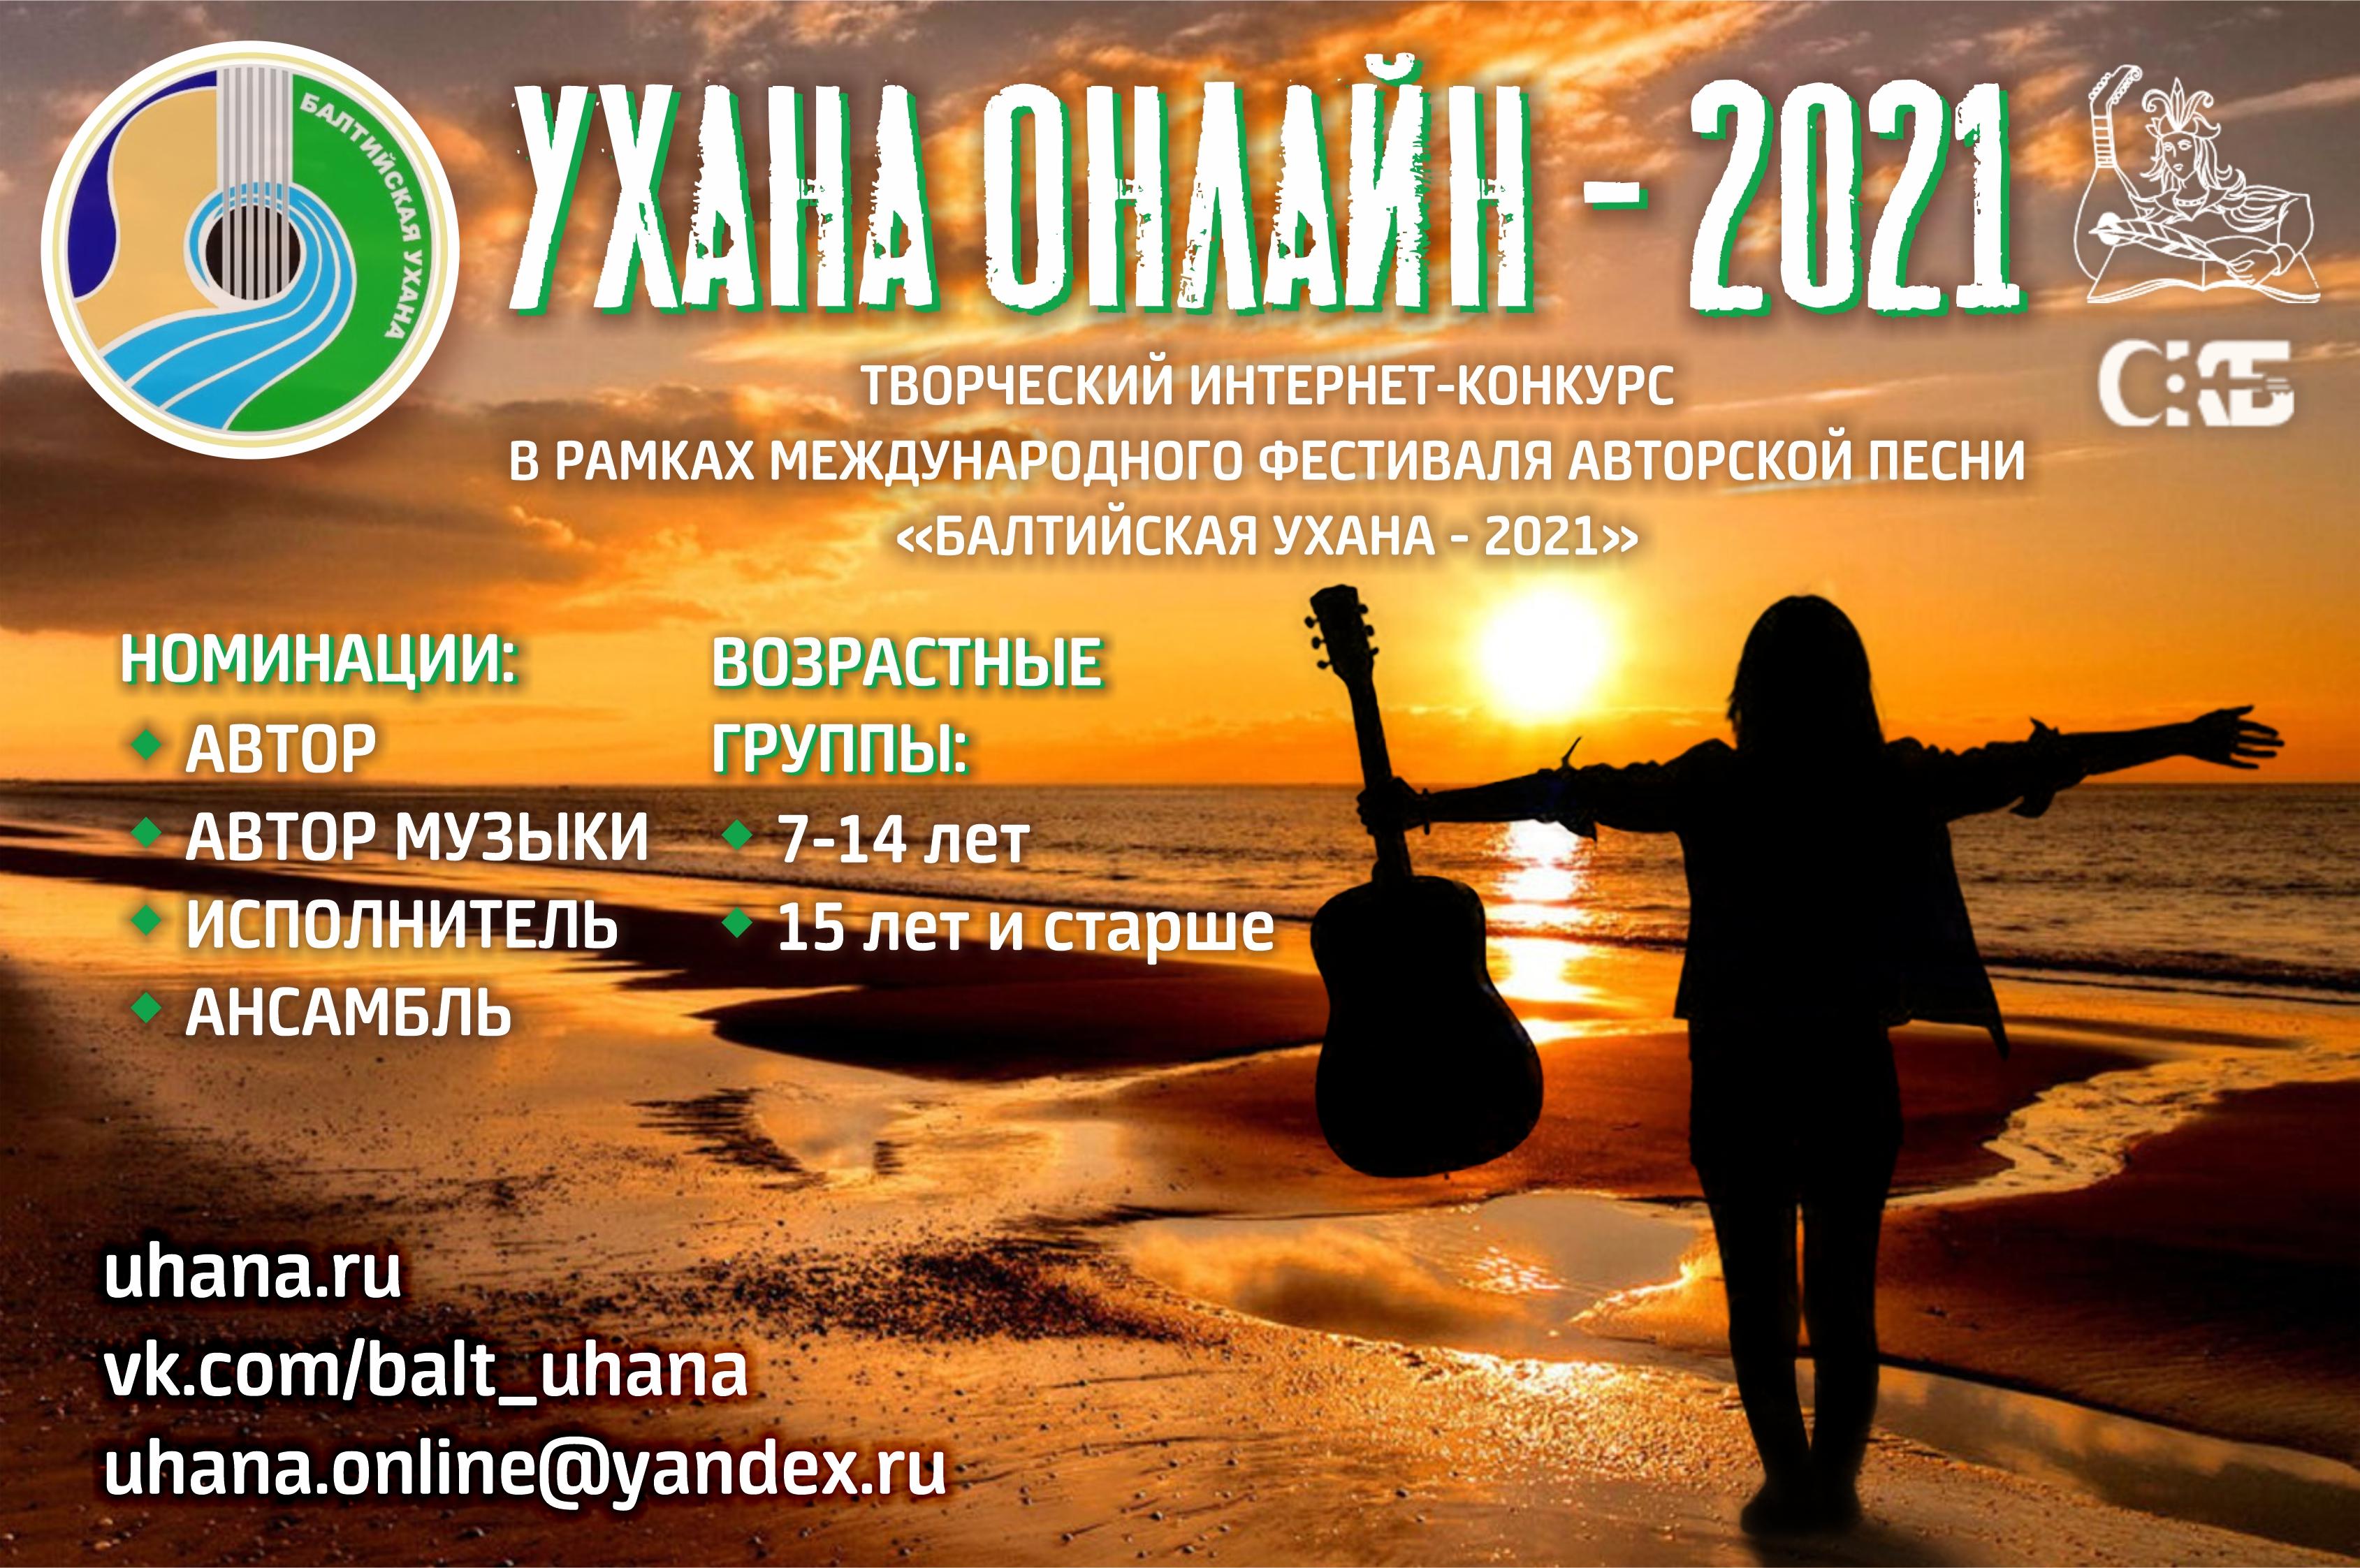 Ukhana_onlayn (2)